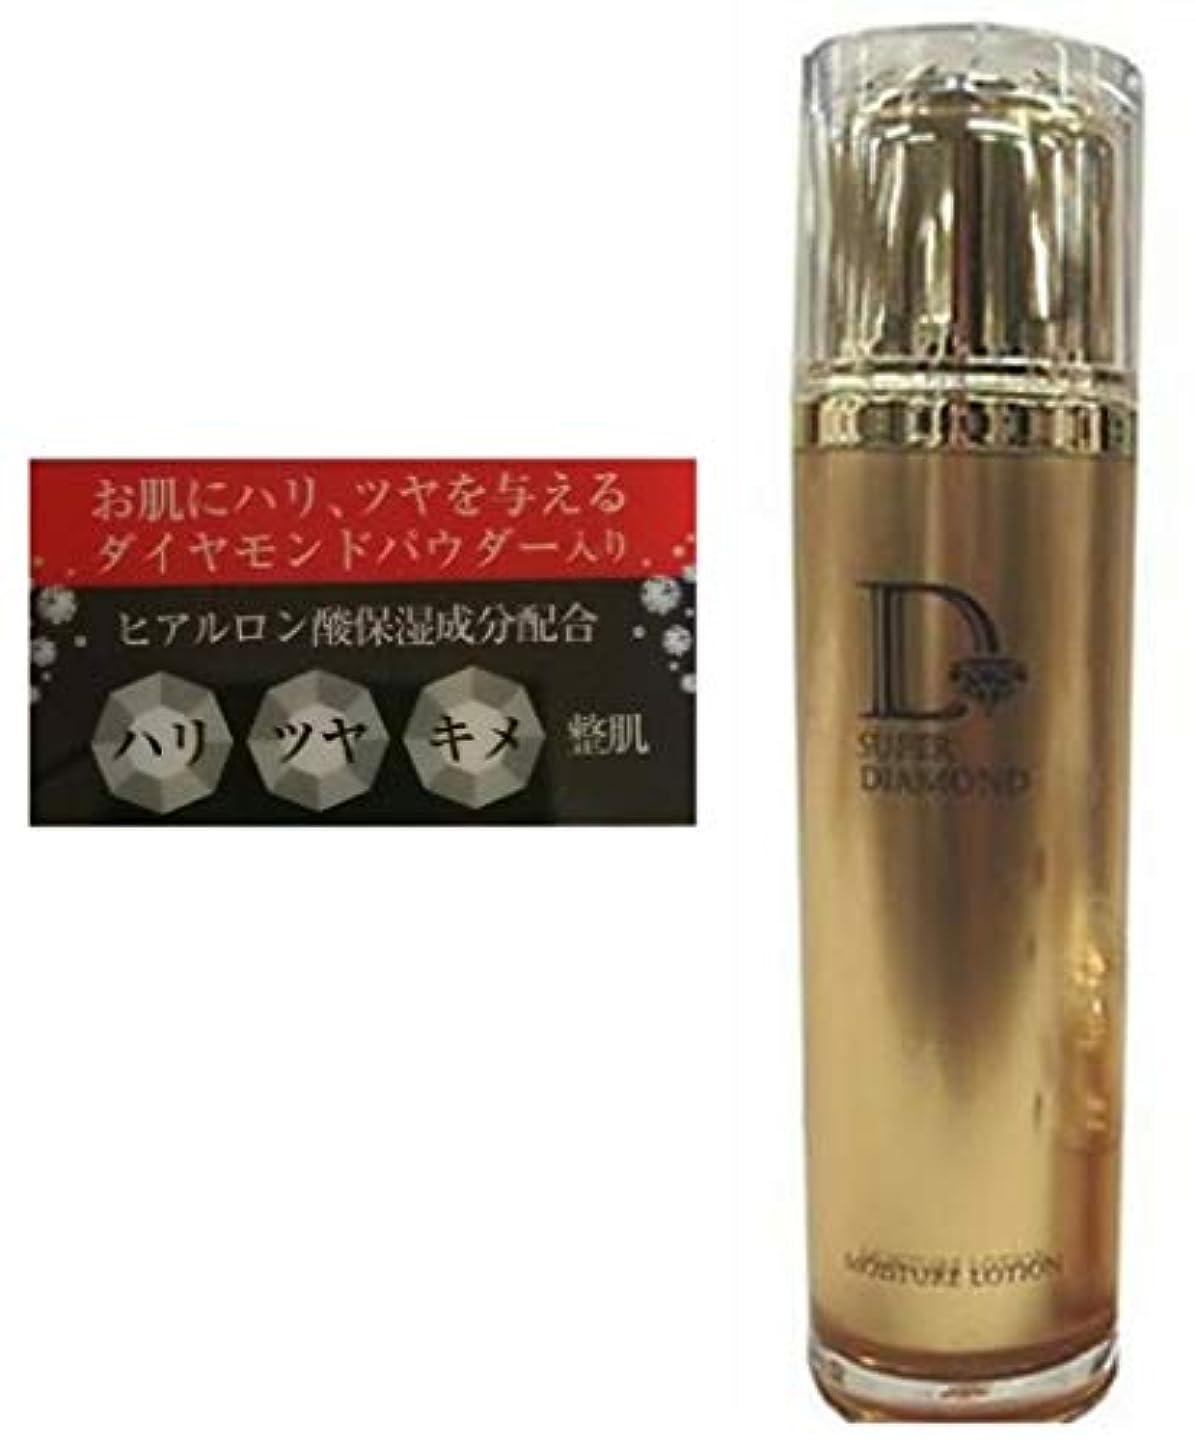 マニアックいちゃつく香りスーパーダイヤモンド 保湿化粧水 ハリ ツヤ キメ ダイヤモンド 日本製 保湿 化粧水 ヒアルロン酸